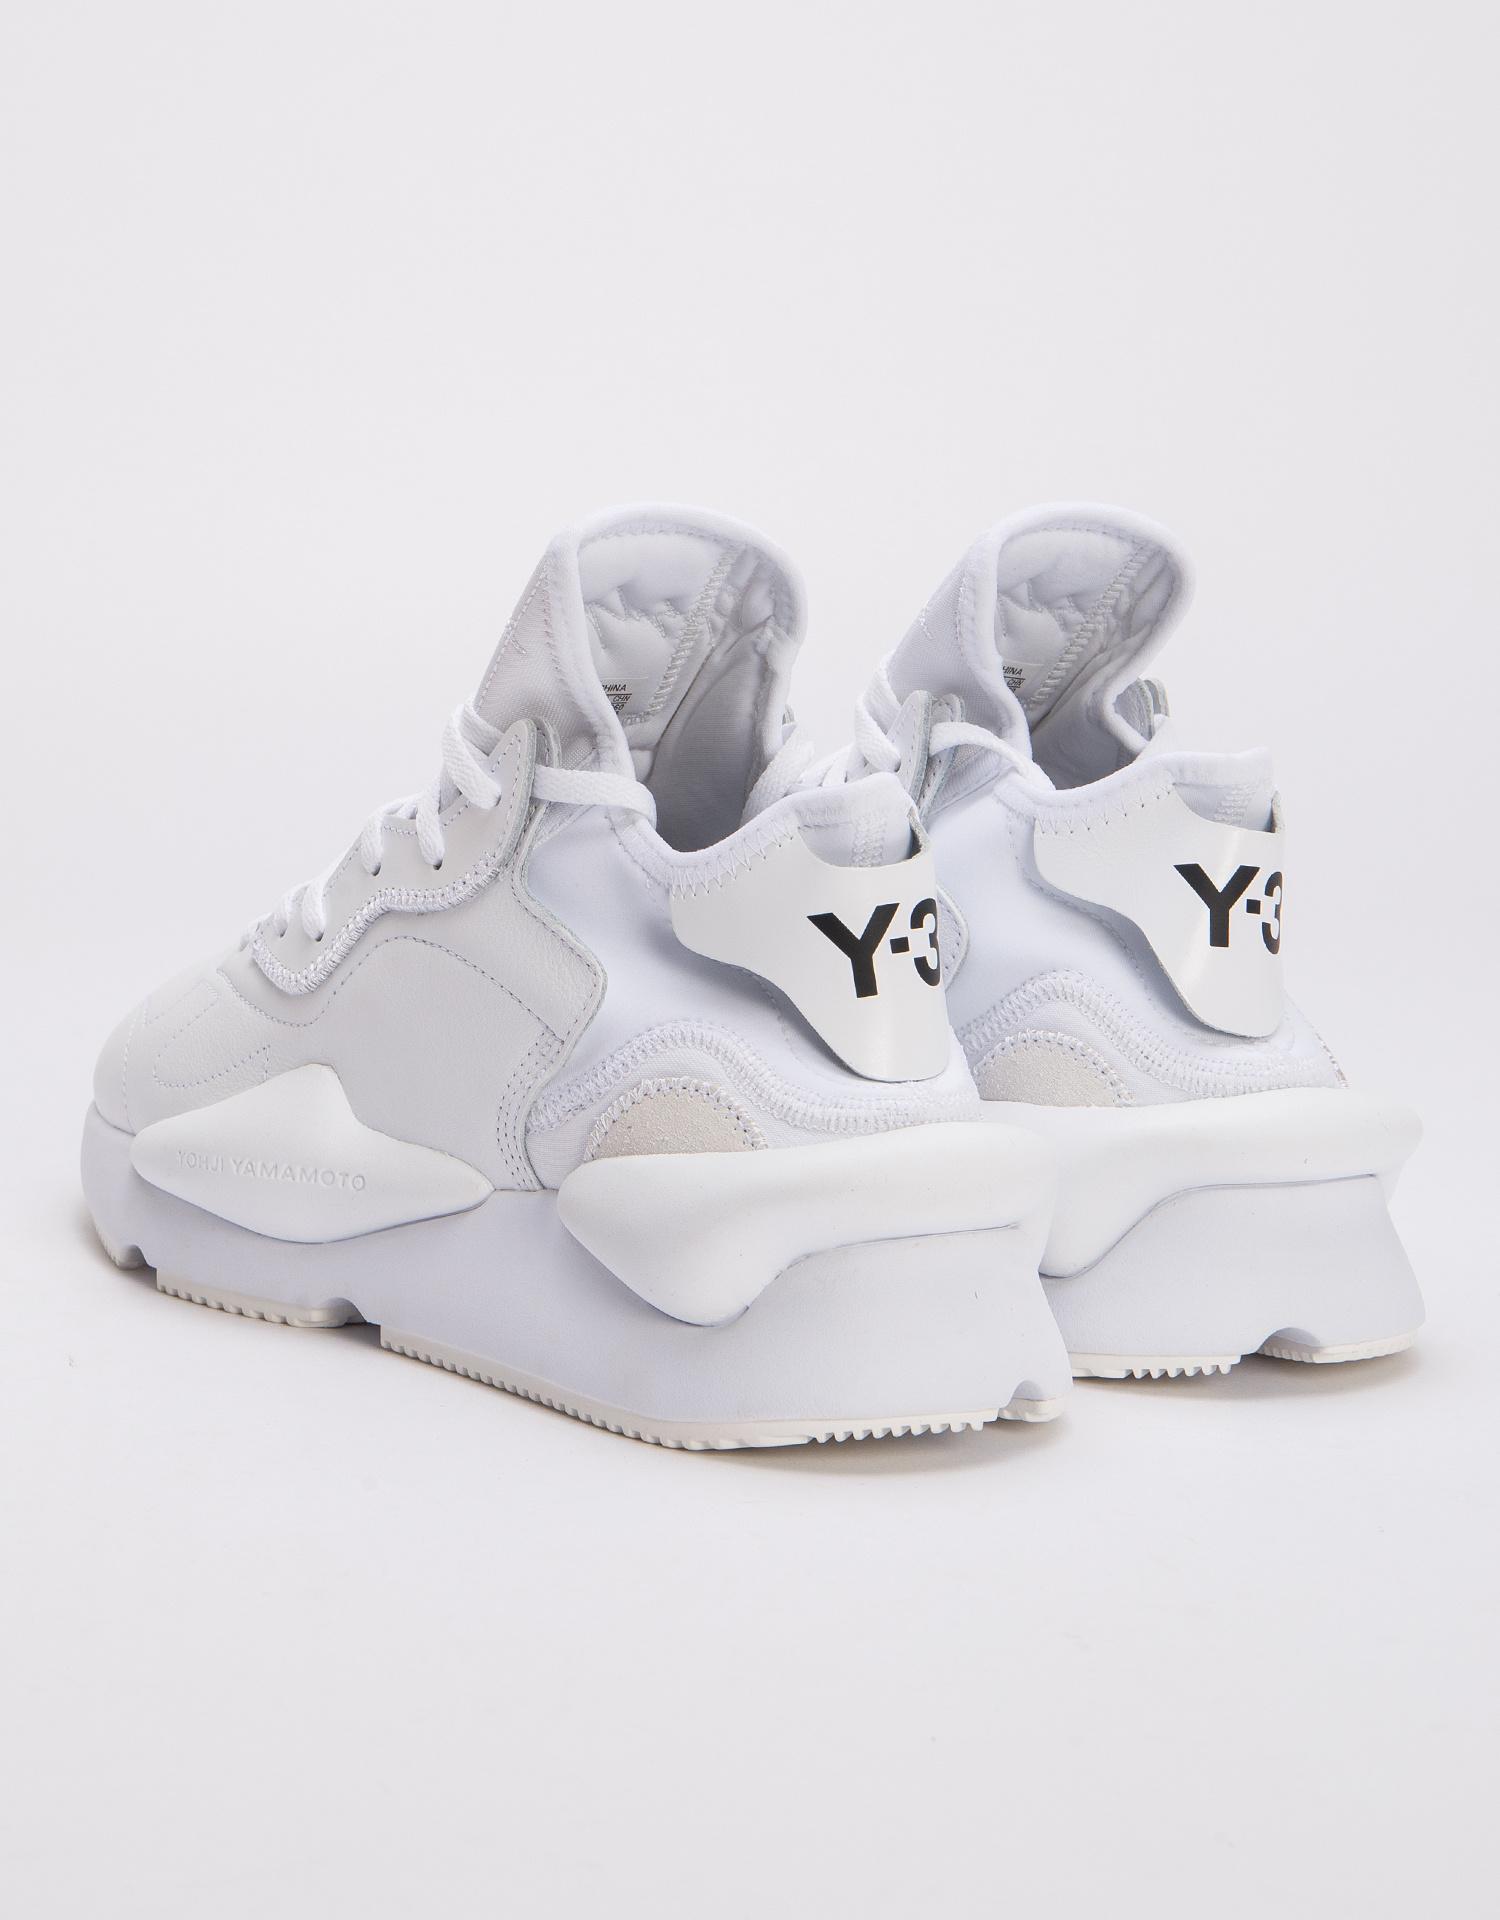 adidas Y-3 KAIWA FTWR WHITE/ BLACK Y-3 / CORE WHITE